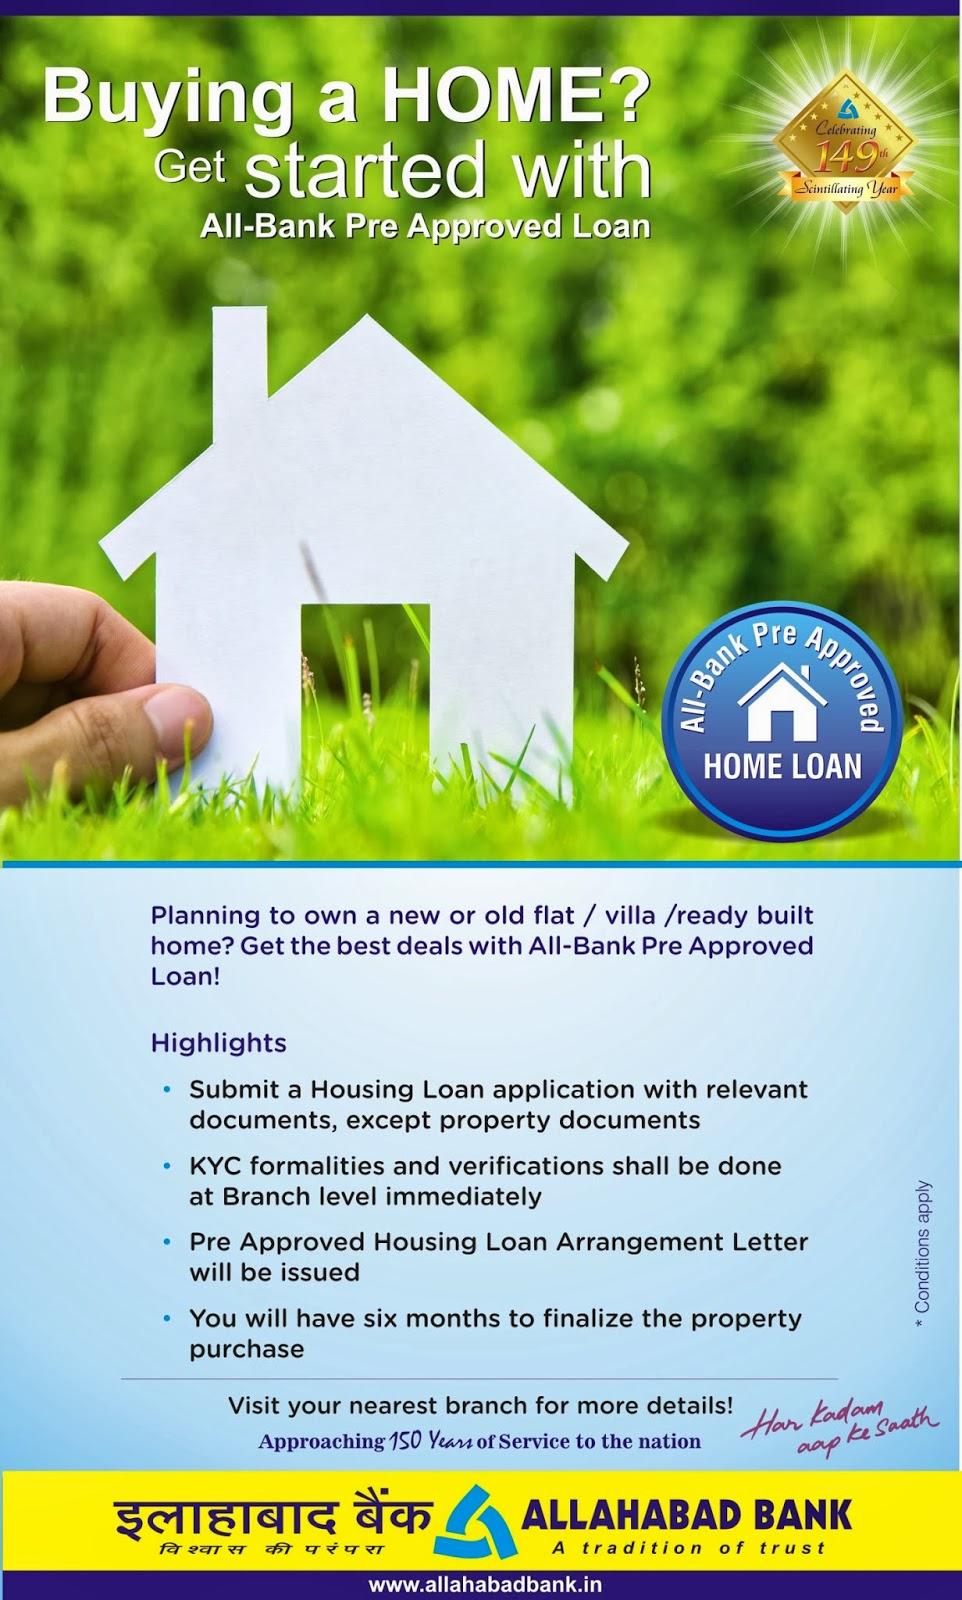 Home loan ad